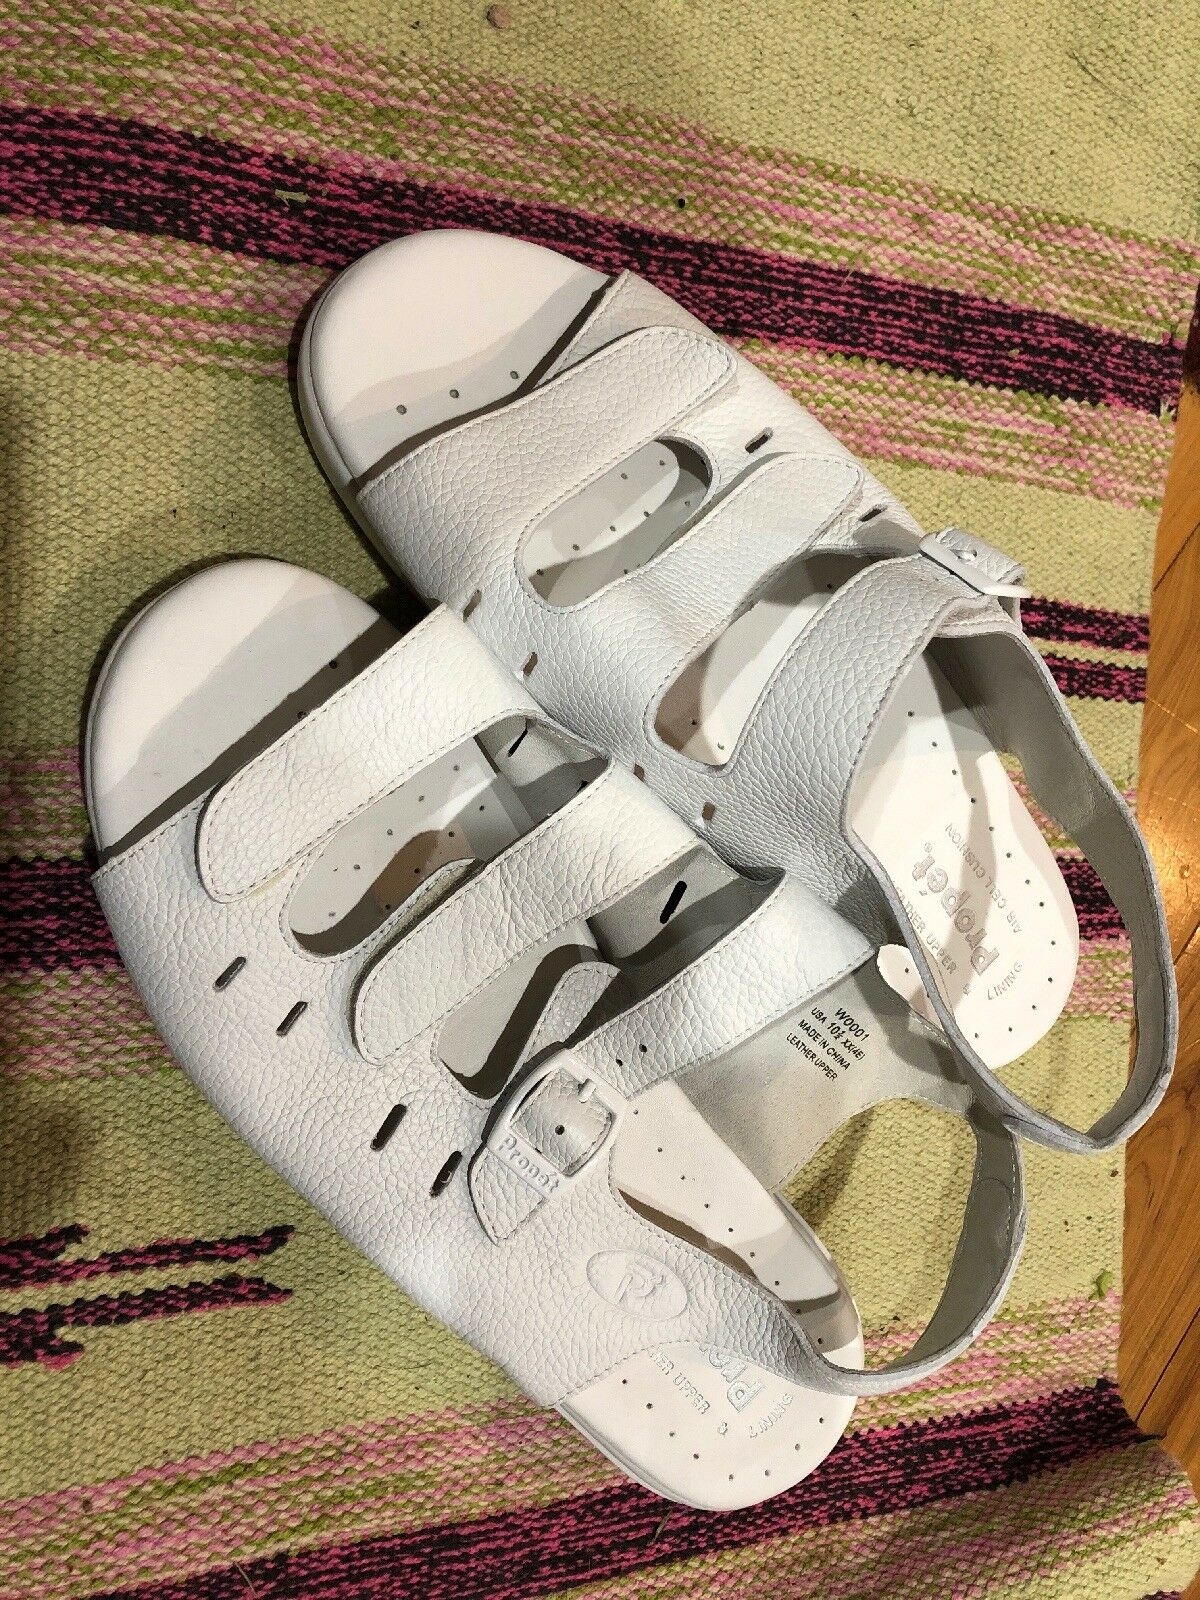 Propet Propet Propet para mujeres W0001 blancoo Brisa Walker Sandalias Zapatos Talla 10.5 4E XX amplia  los nuevos estilos calientes